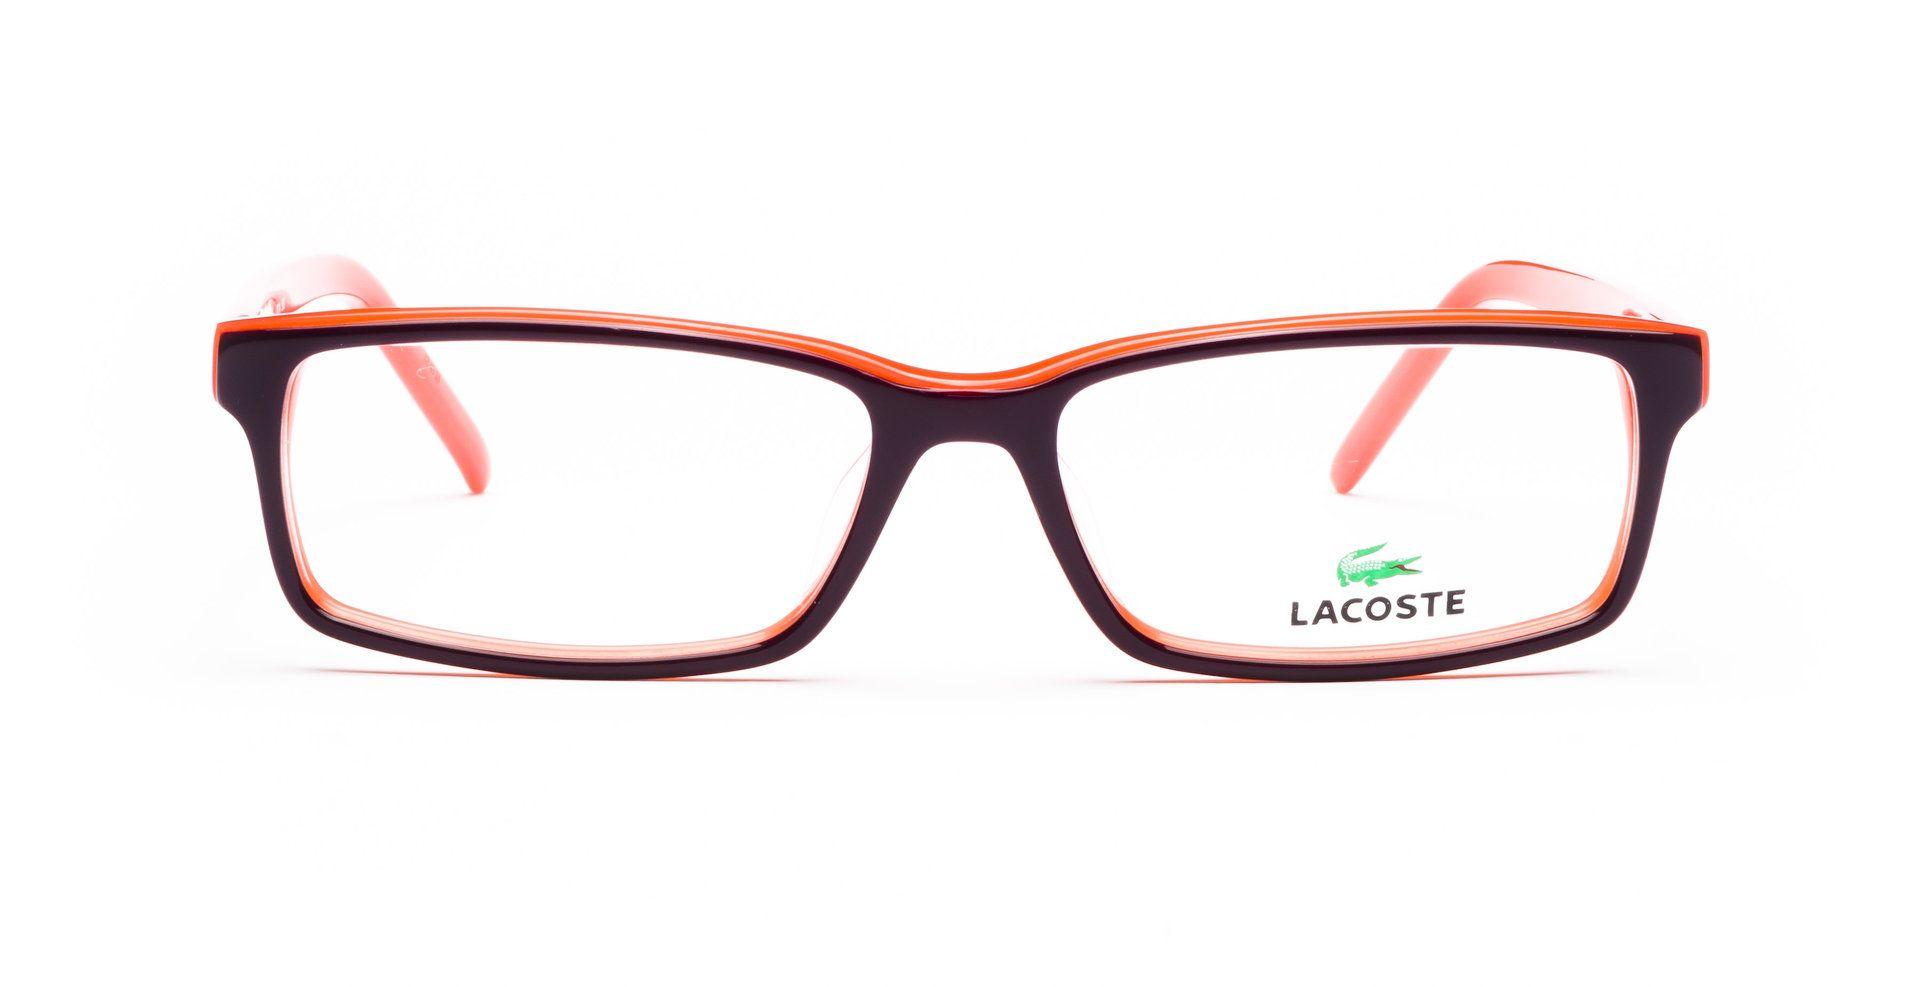 Lacoste | Glasses | Brille | L2614 503 5216 | Wine/Orange ...